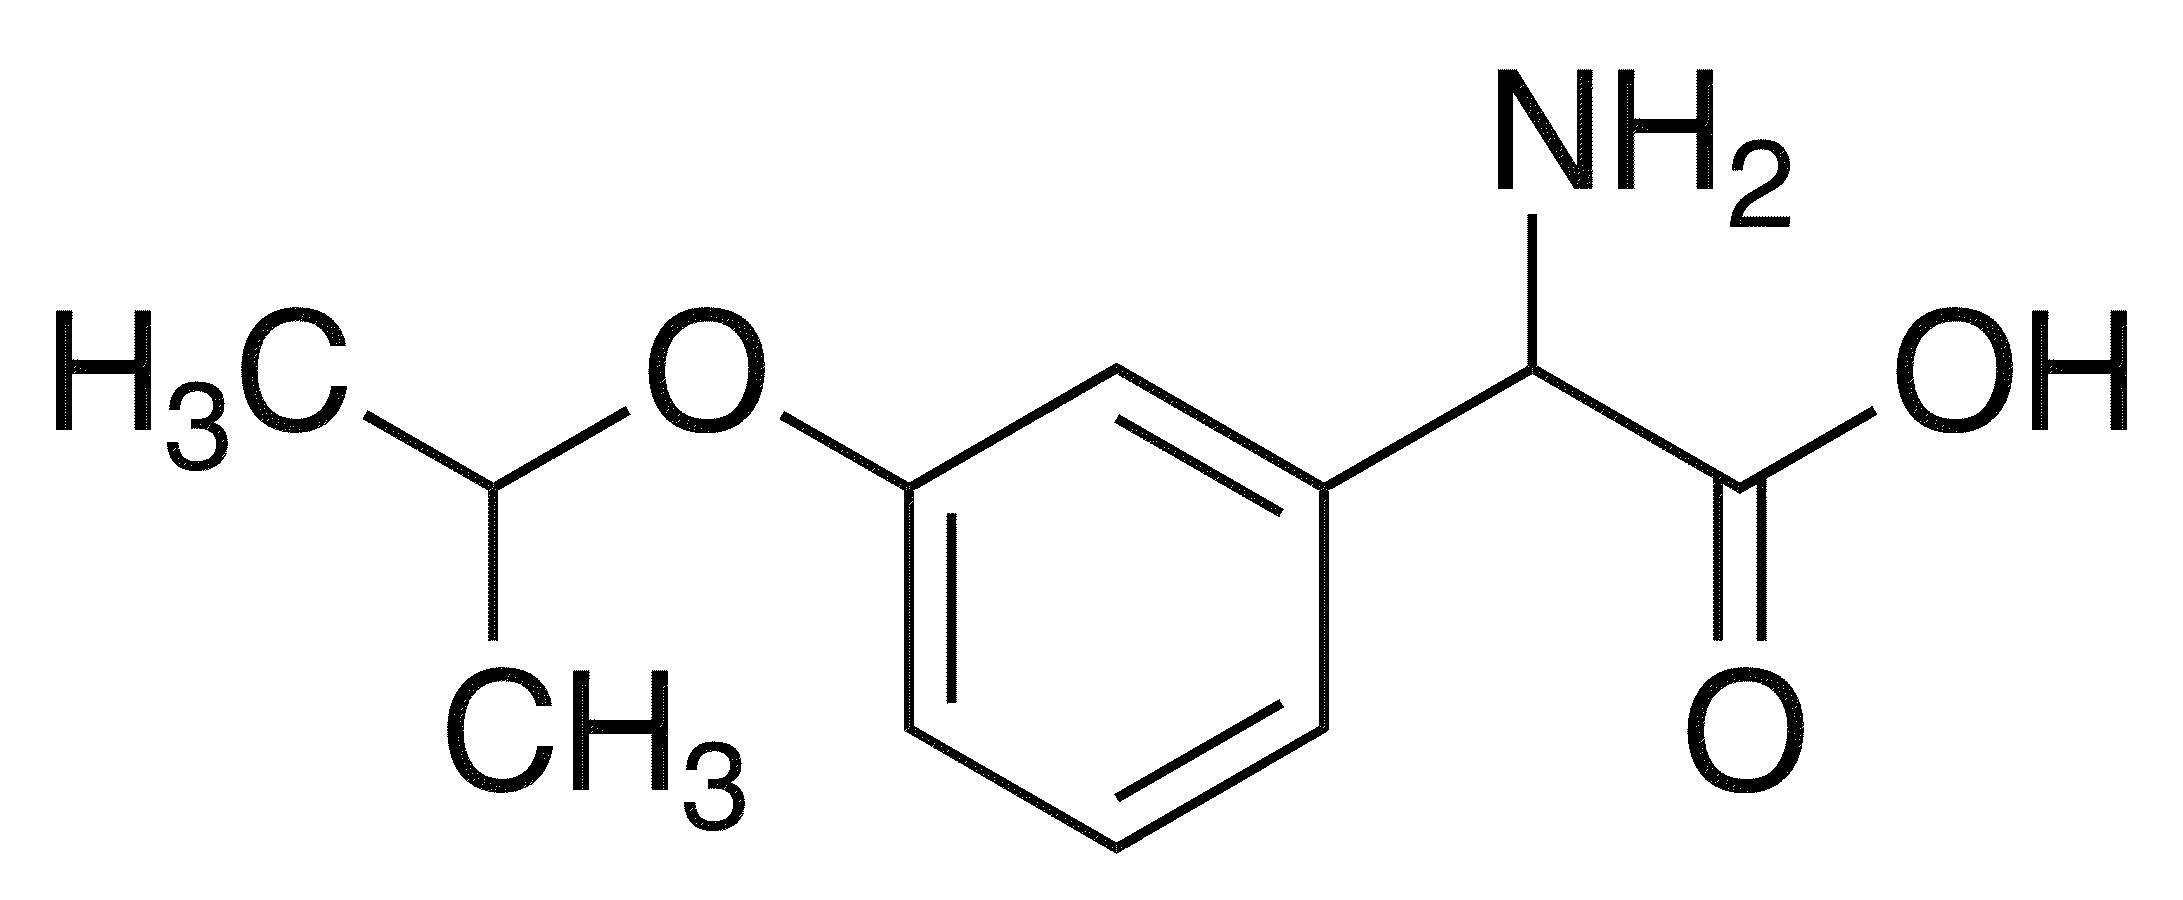 Amino(3-isopropoxyphenyl)acetic acid